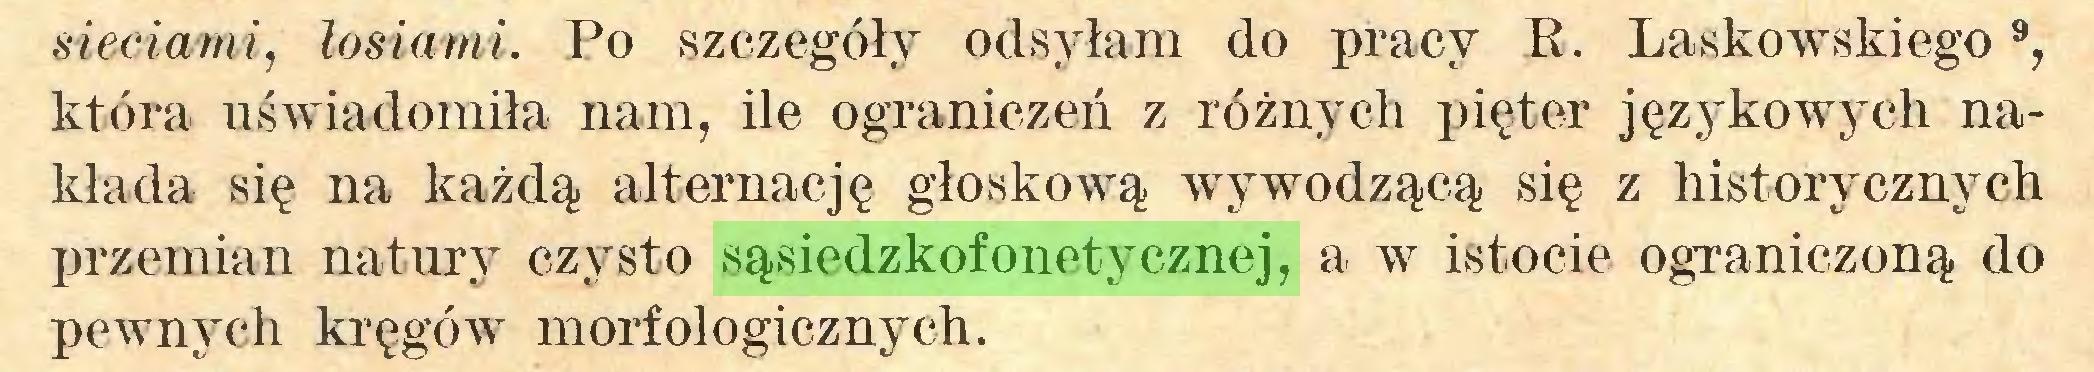 (...) sieciami, łosiami. Po szczegóły odsyłani do pracy E. Laskowskiego9, która uświadomiła nam, ile ograniczeń z różnych pięter językowych nakłada się na każdą alternację głoskową Avywodzącą się z historycznych przemian natury czysto sąsiedzkofonetycznej, a w istocie ograniczoną do pewnych kręgów morfologicznych...